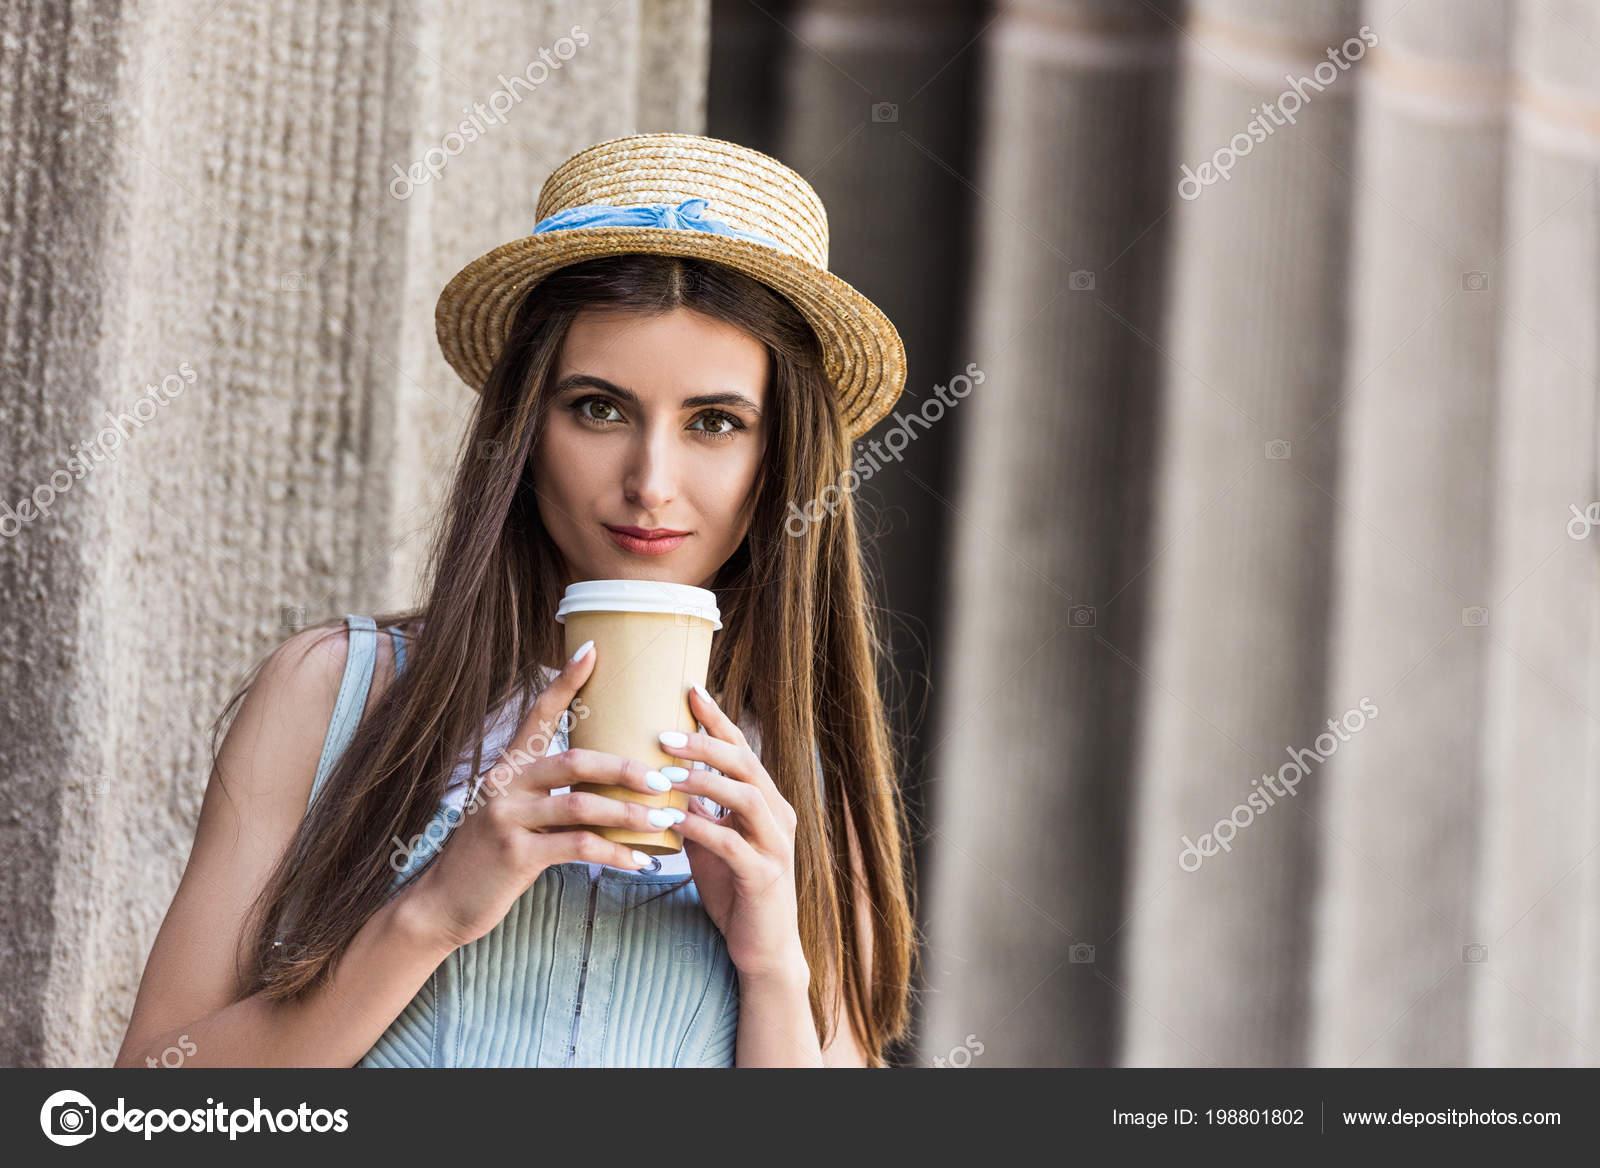 Retrato Joven Mujer Bonita Sombrero Paja Con Café Para Calle — Foto de Stock a49879a31e4